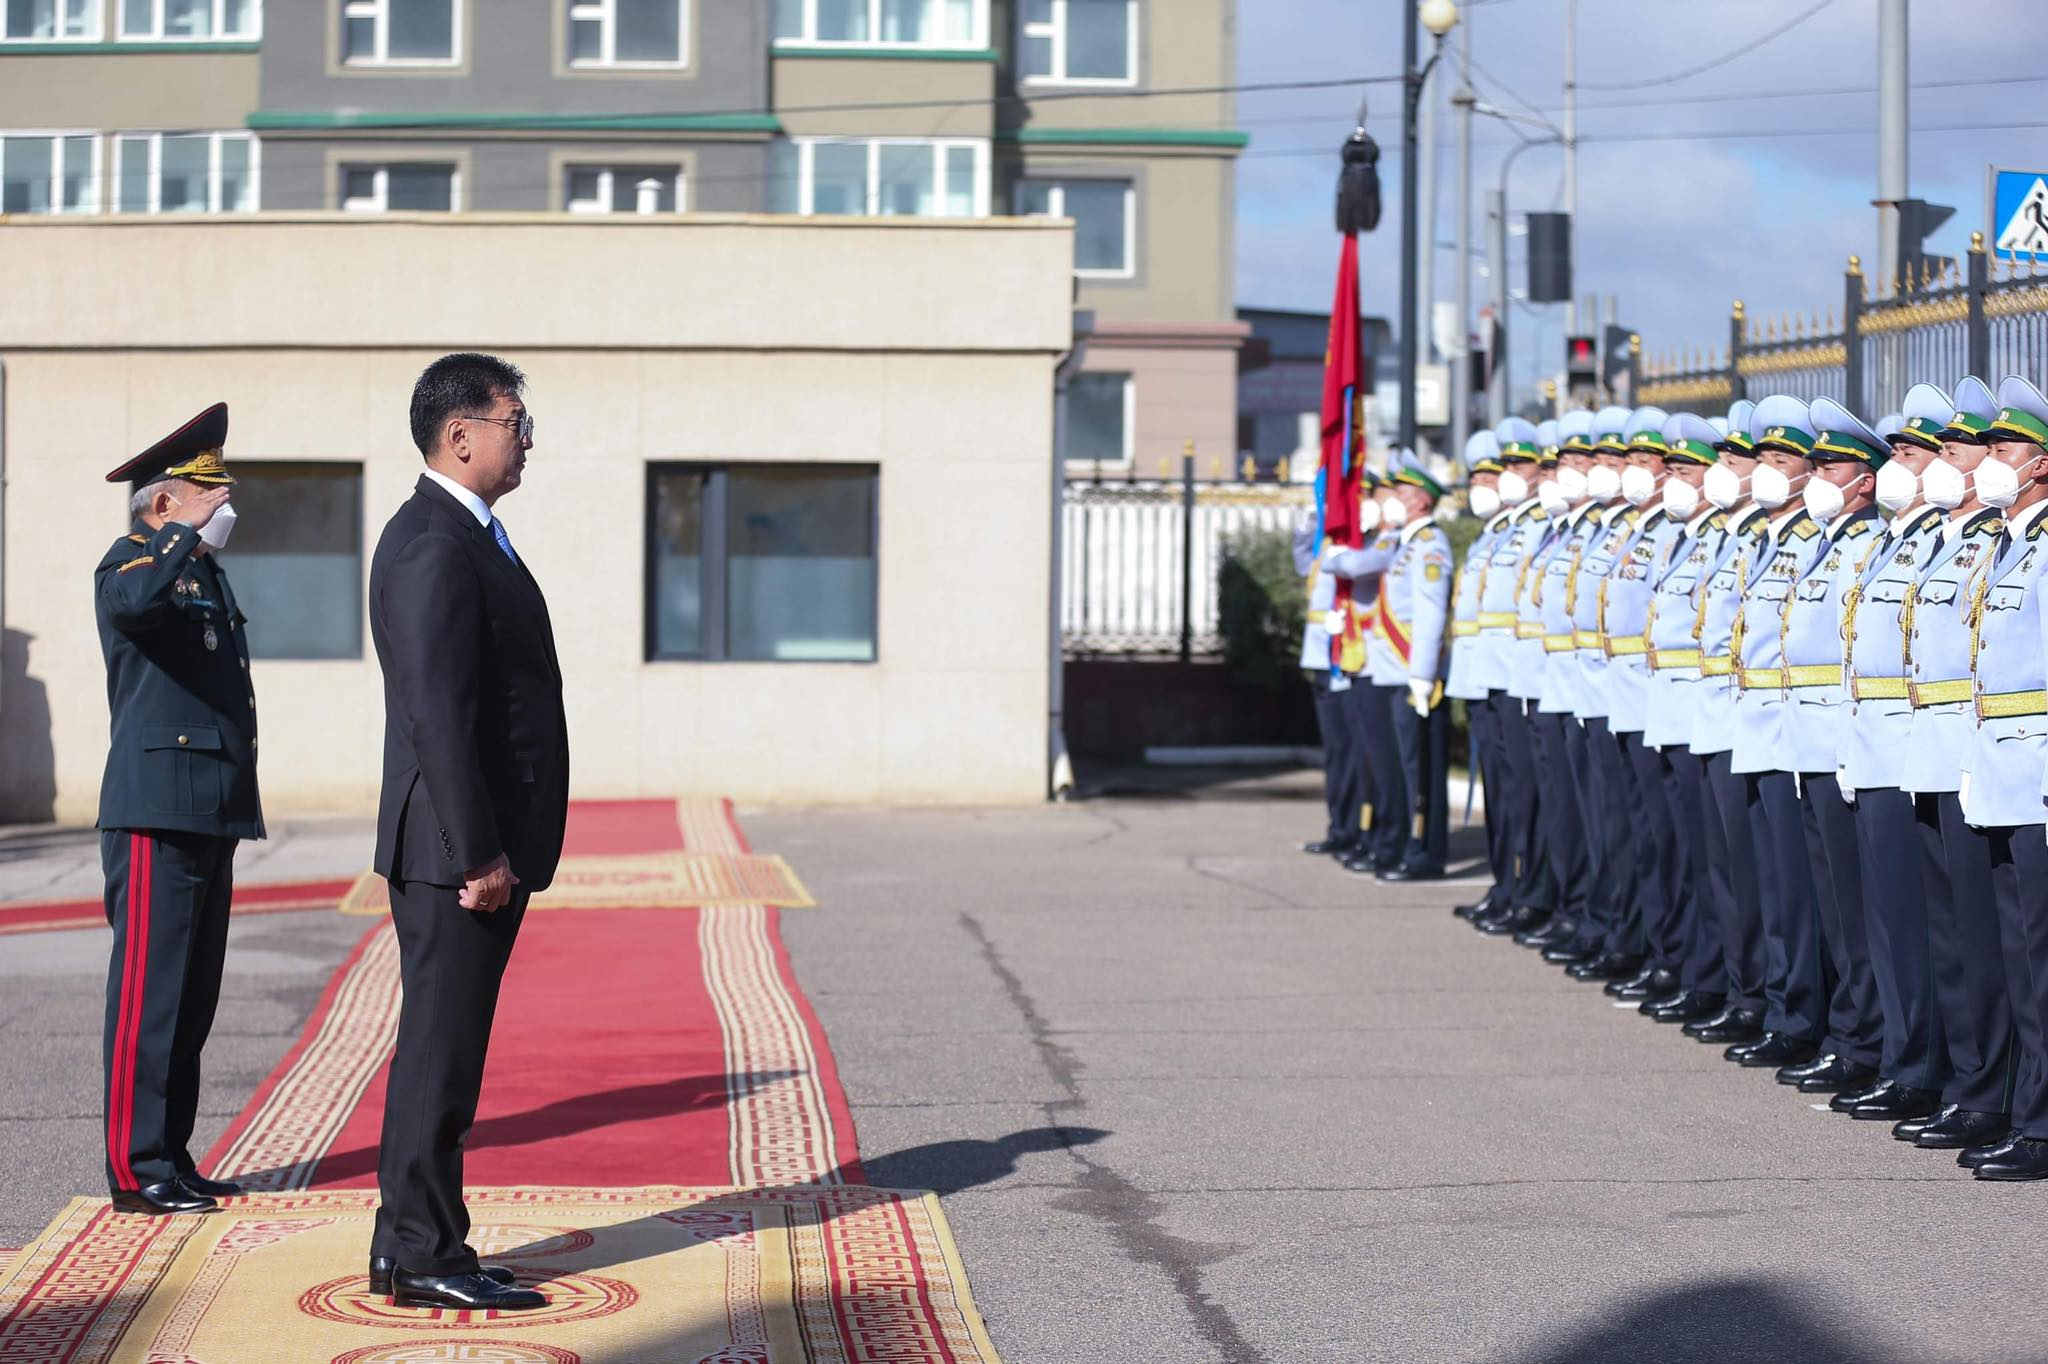 대통령은 국경수비총국을 방문하여.jpg